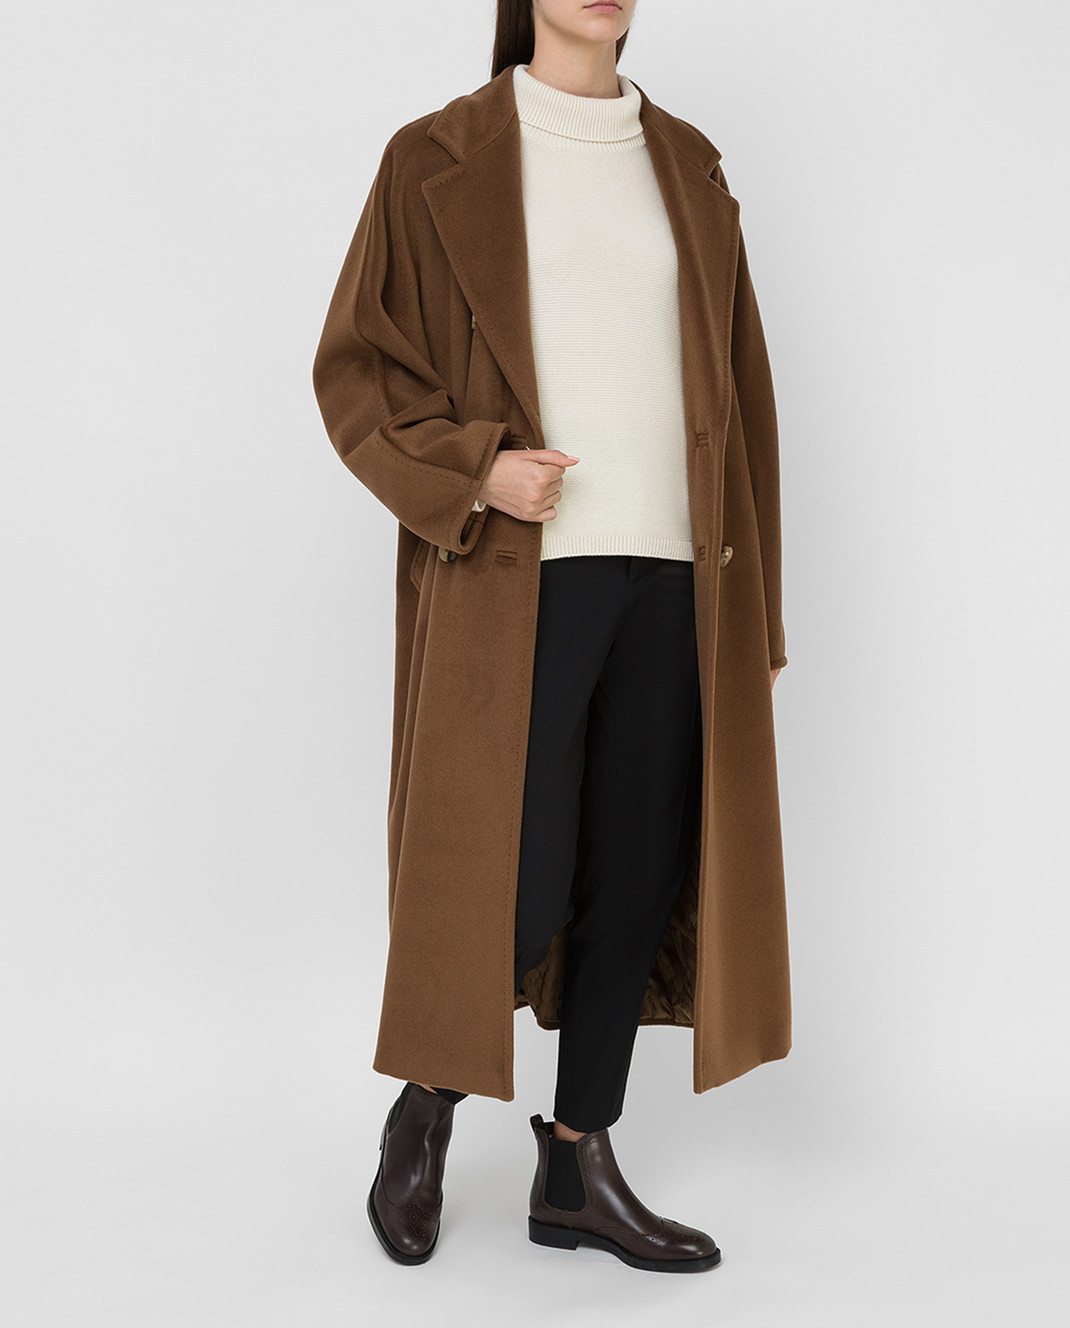 Max Mara Темно-бежевое пальто из шерсти и кашемира изображение 2